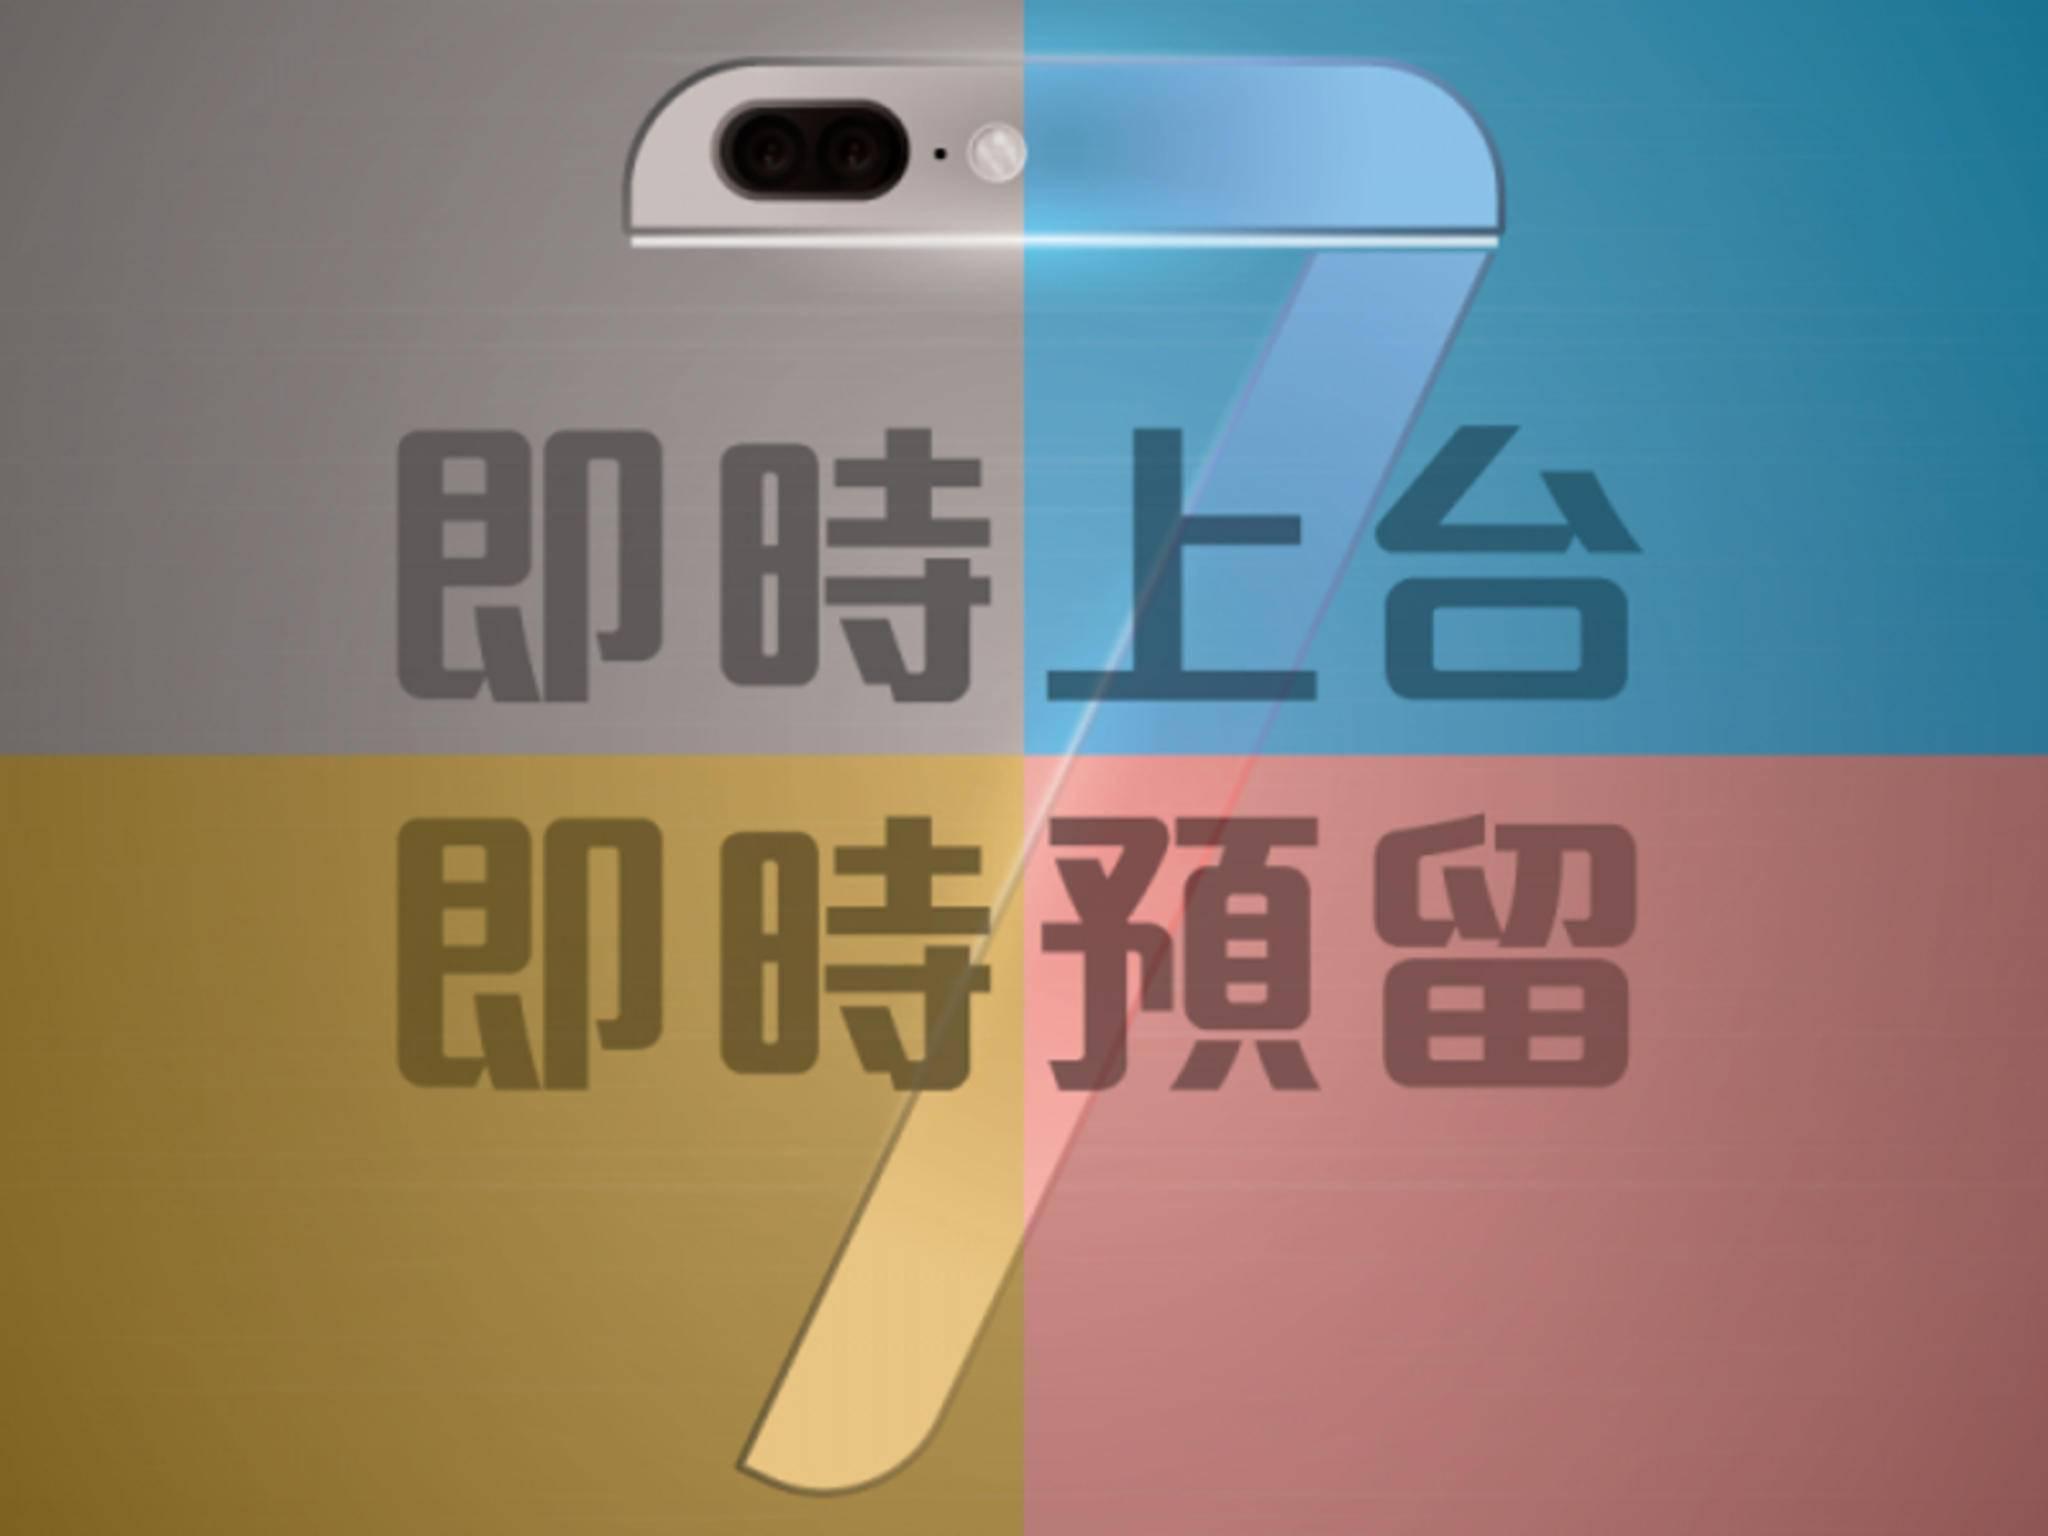 Mit diesem Teaser wirbt China Unicom für das iPhone 7.